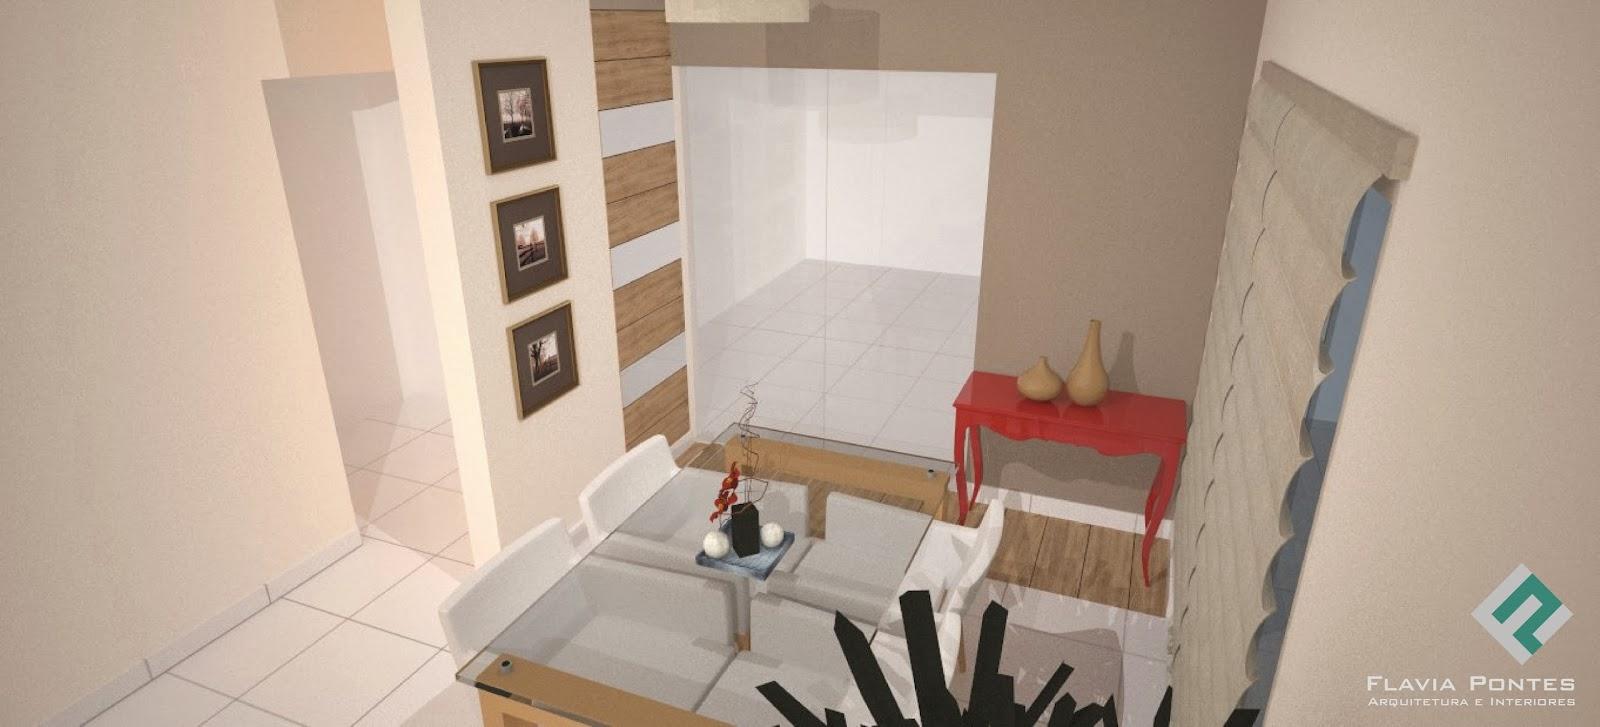 Sala Jantar Estar Pequena ~ Detalhe no piso uma faixa de porcelanato que imita madeira Esta